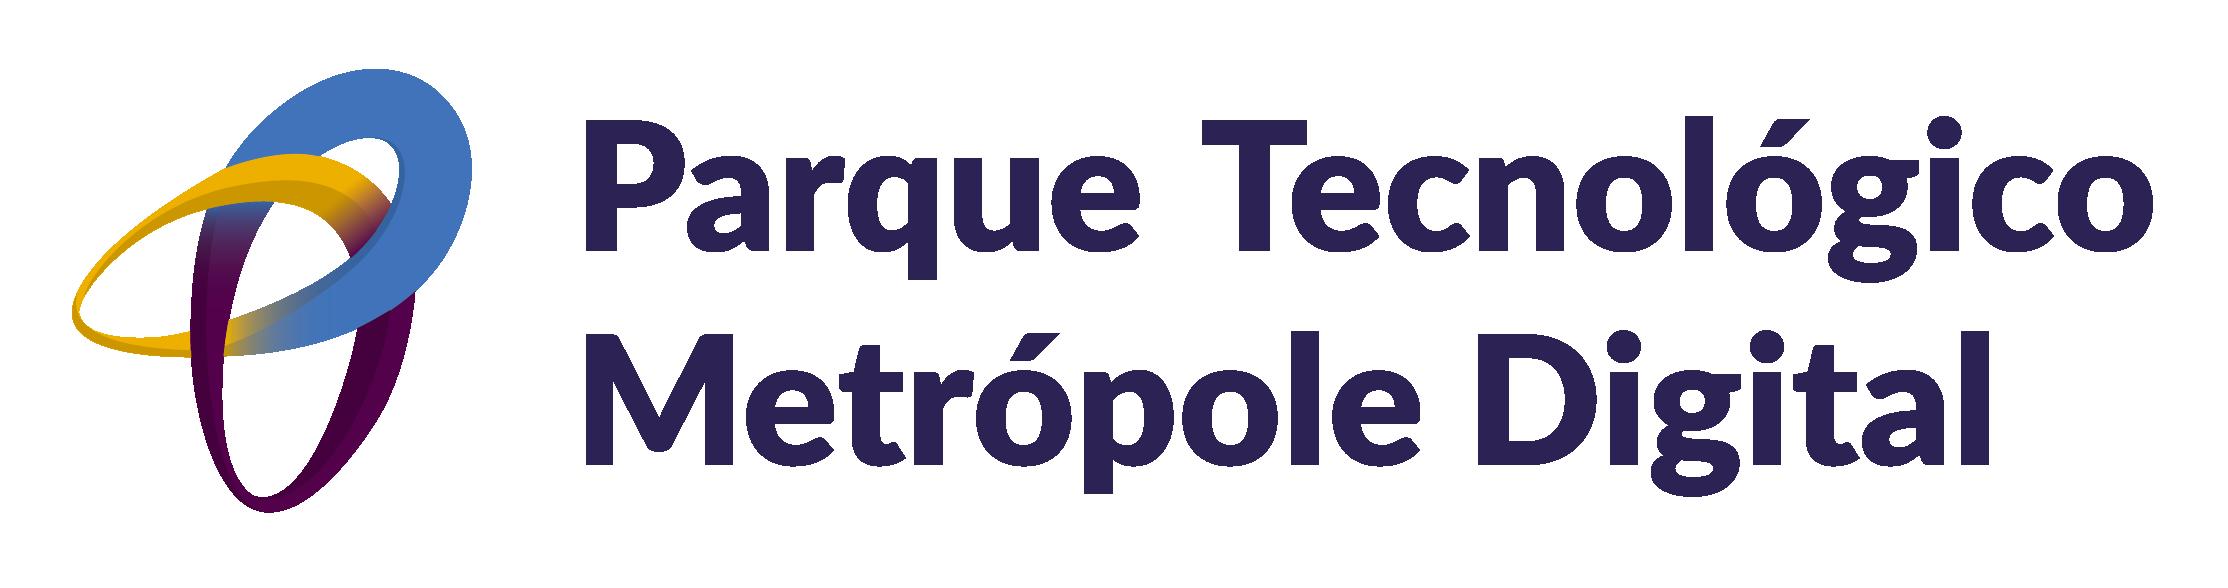 Parque Metrópole Digital